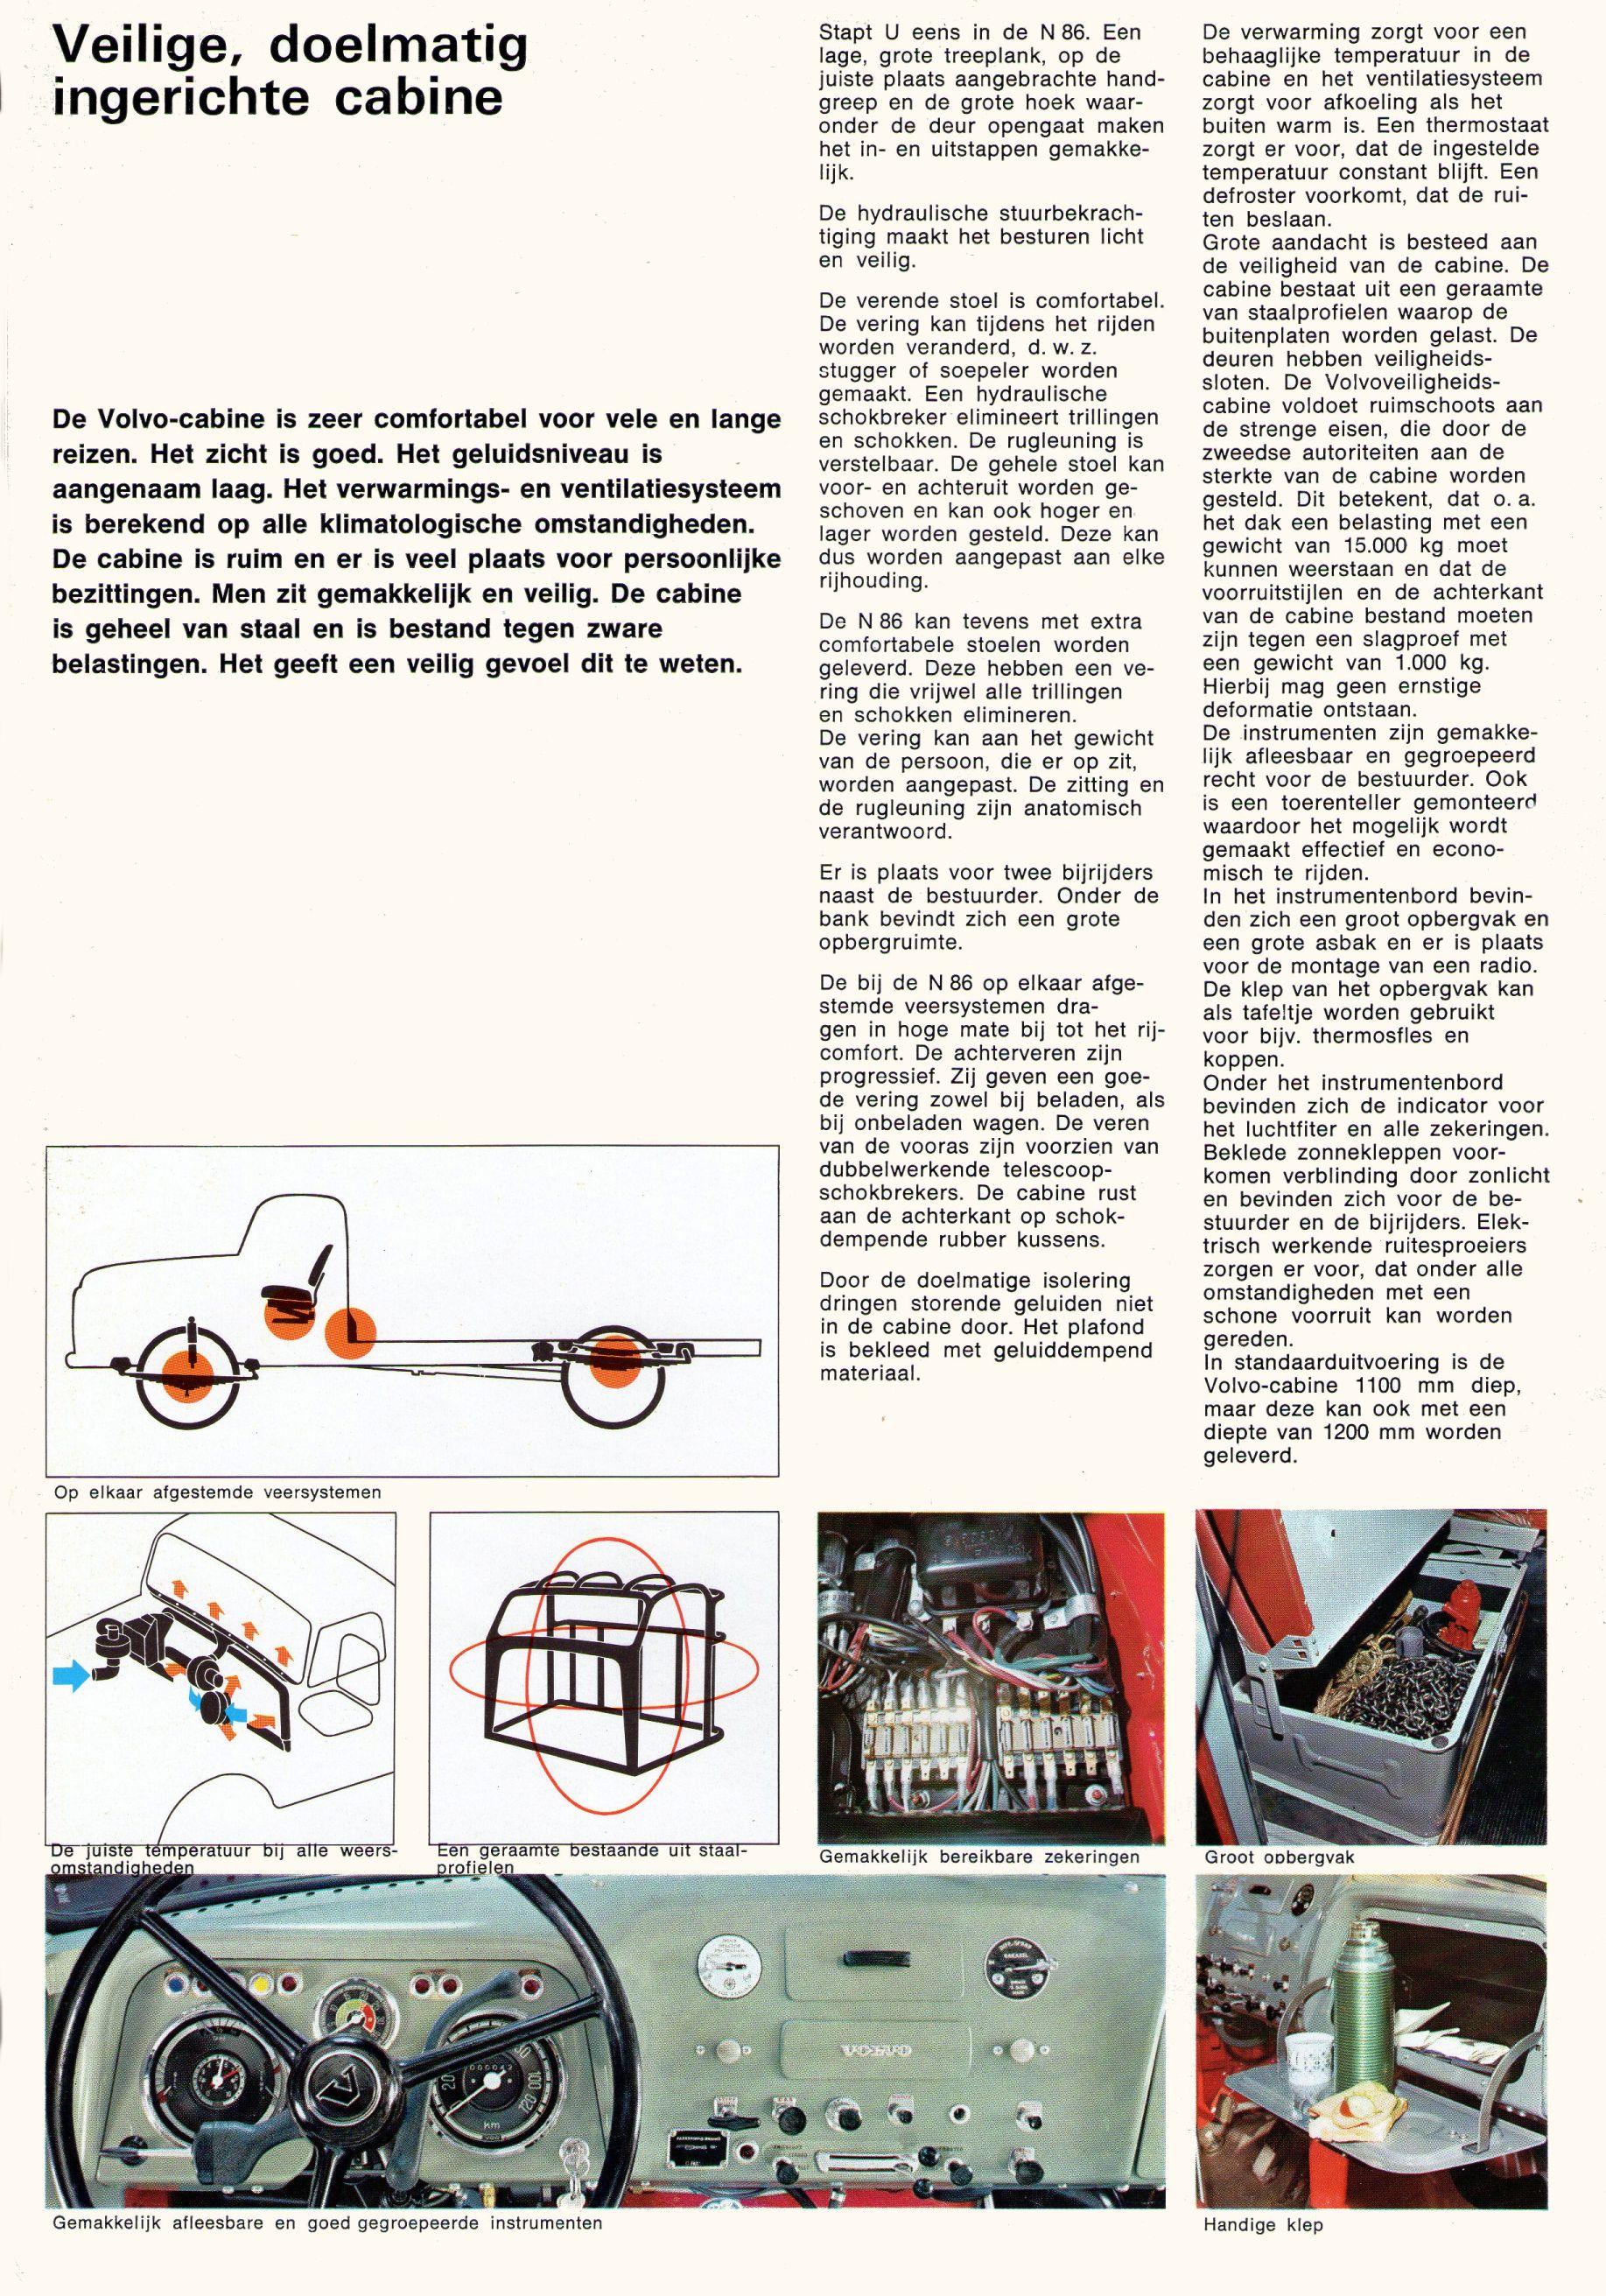 1968 Volvo N86 Brochure